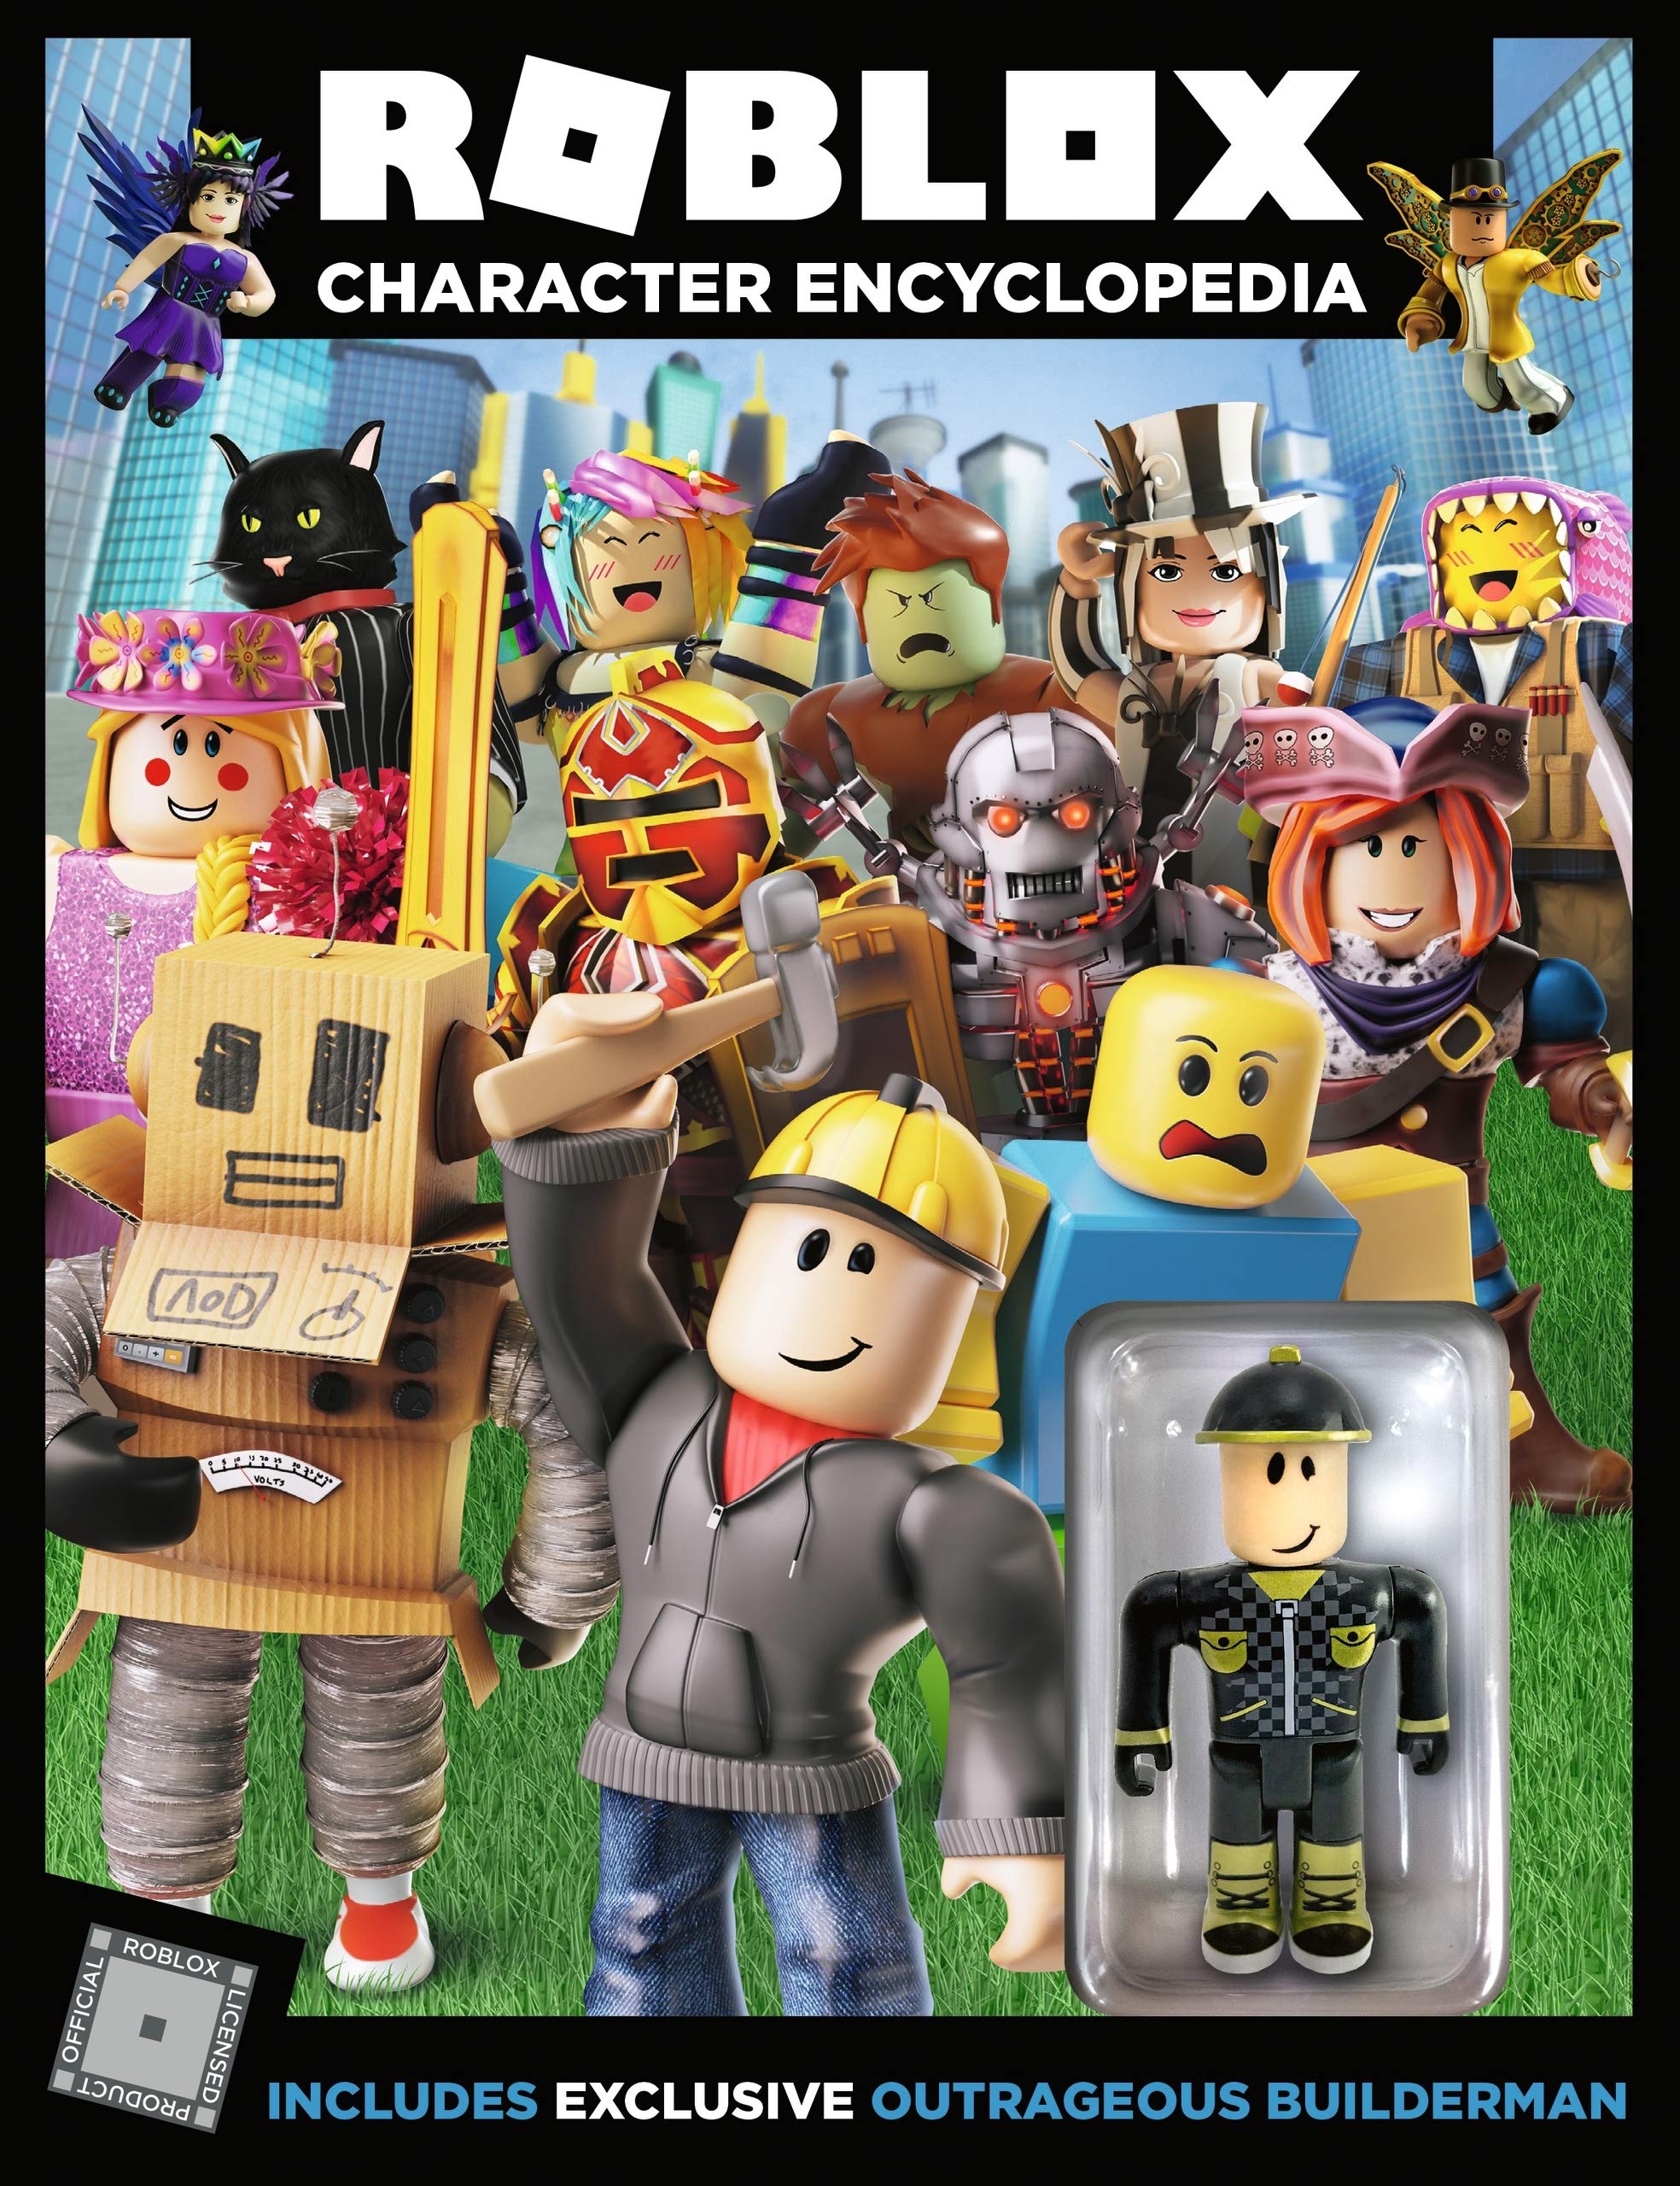 Roblox Character Encyclopedia: Amazon co uk: Egmont